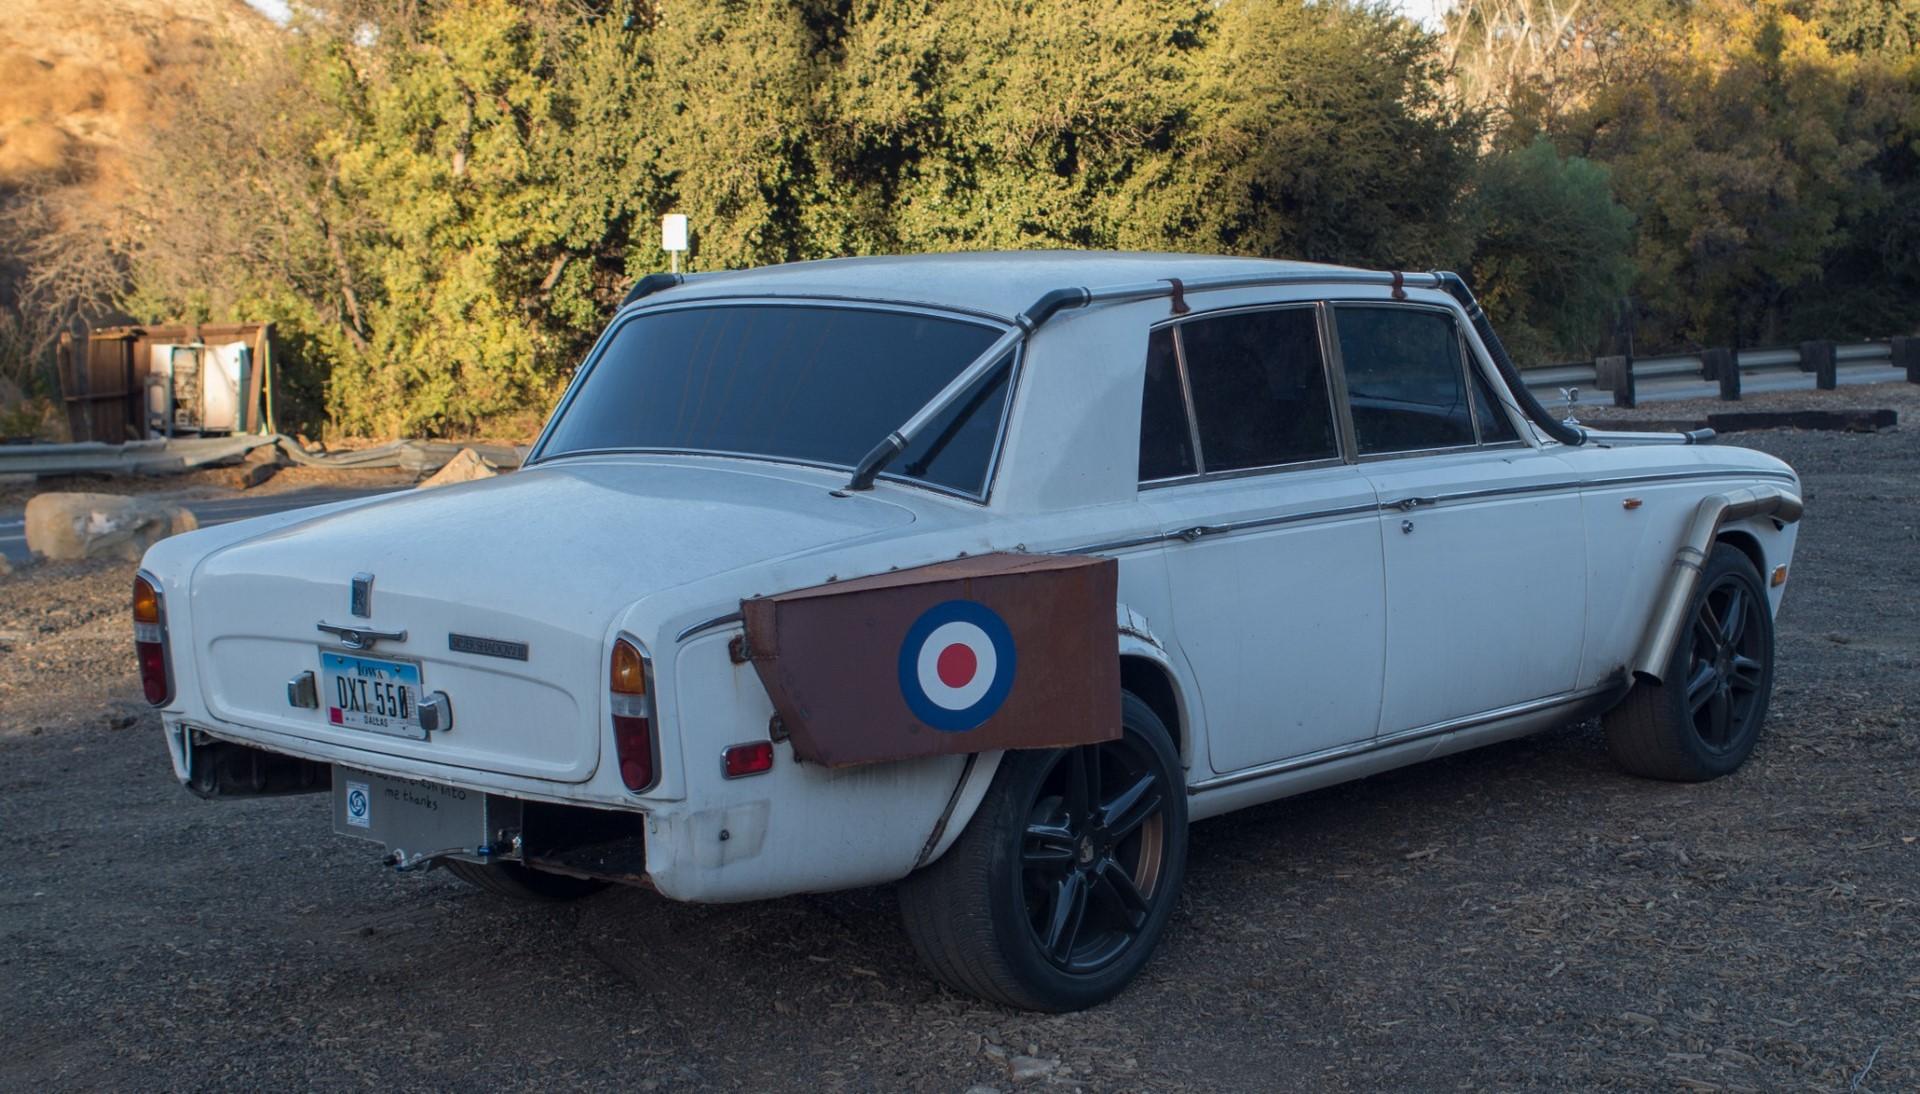 Rolls Royce Silver Shadow II for sale (5)